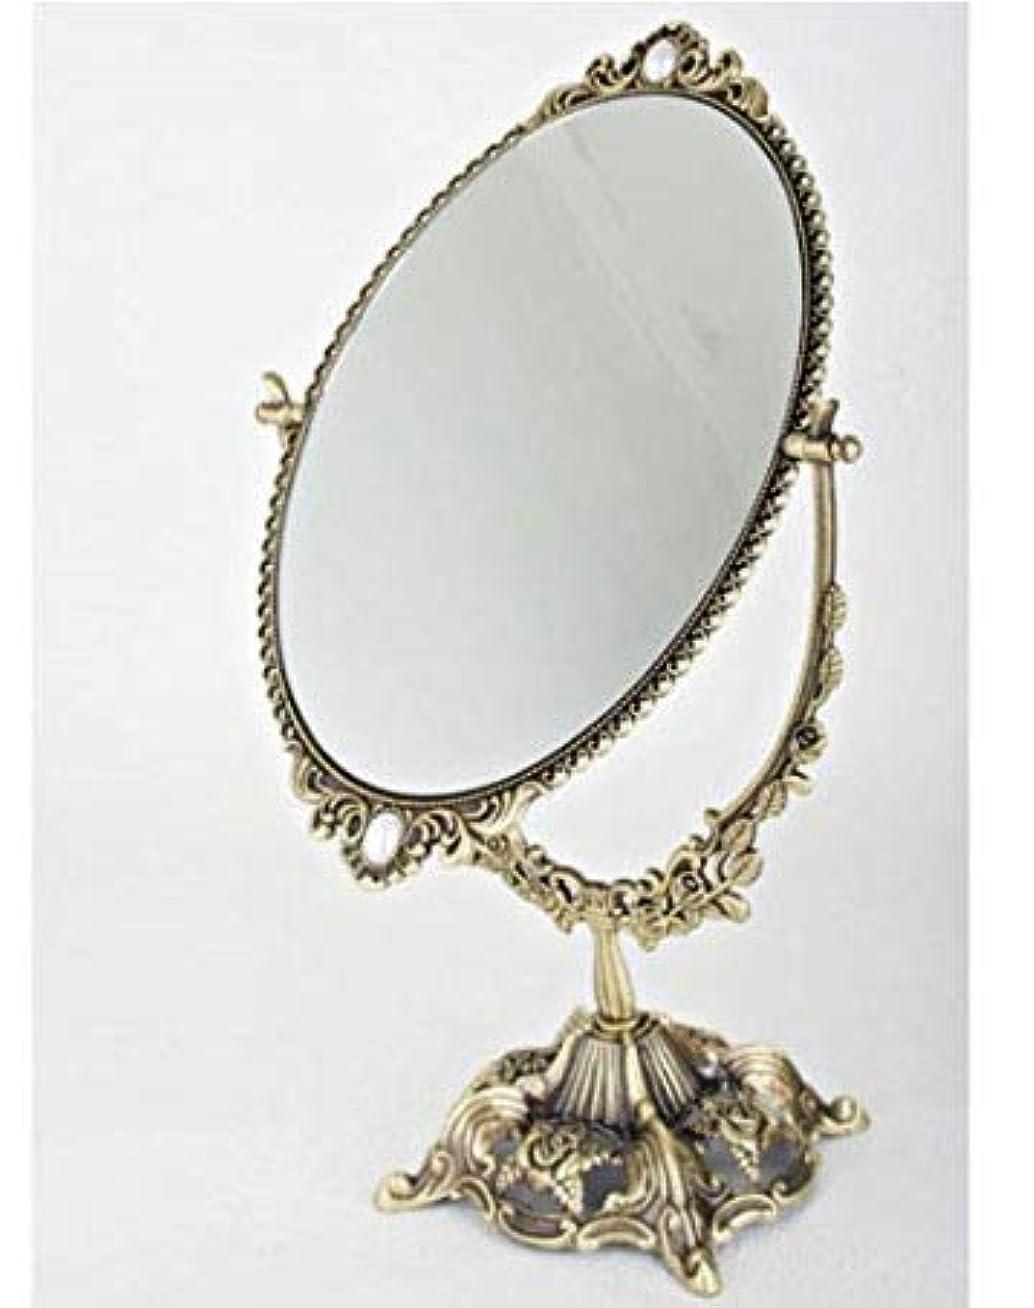 覚醒石膏示す銅材質の鏡, アンティーク?両面卓上ミラー … ローズ鏡 大きいサイズ、横21センチx立て38センチ、、